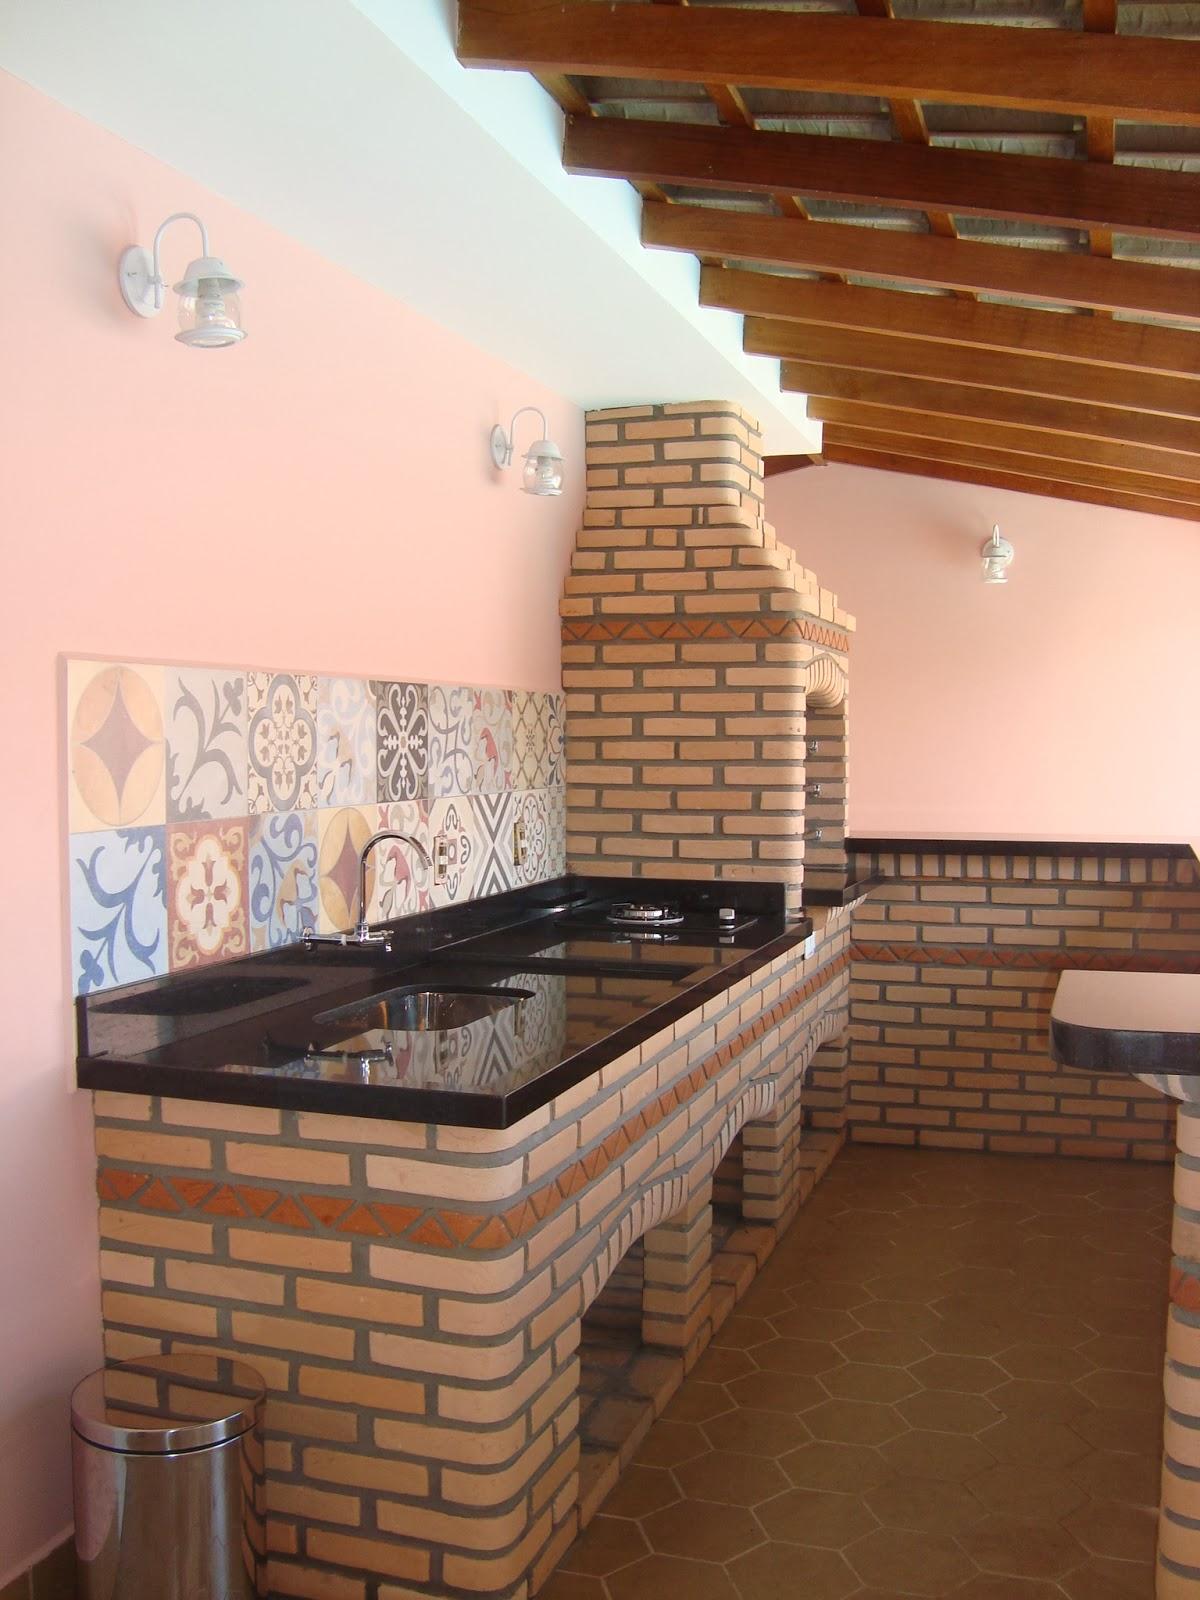 casa da Mi: Churrasqueira e Área de lazer  #9A5431 1200 1600